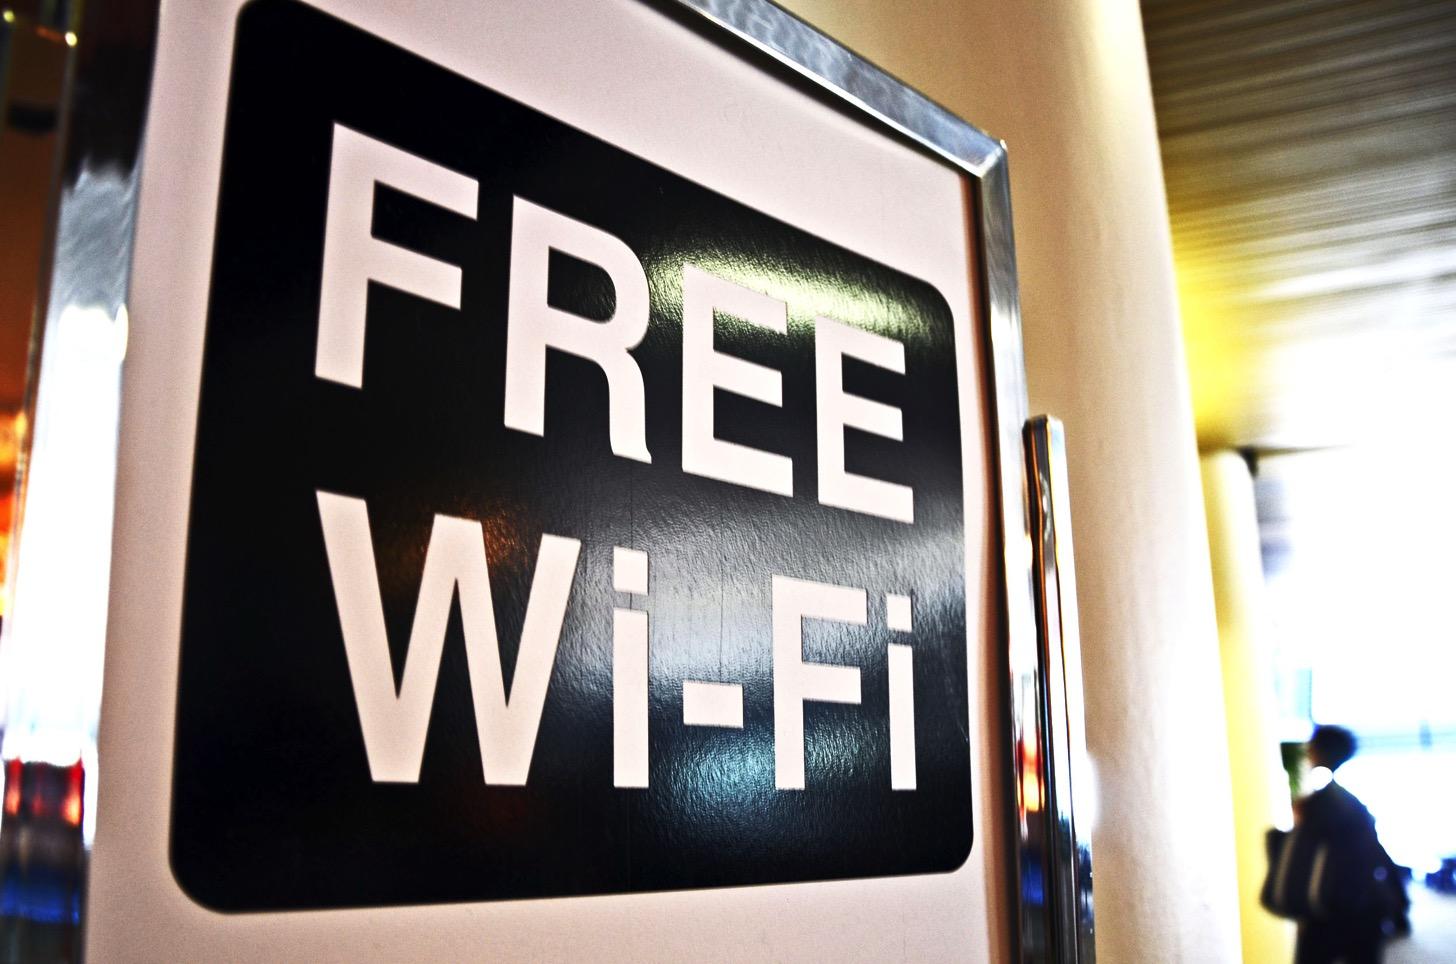 Free Wi-Fi(無料のWi-Fi)